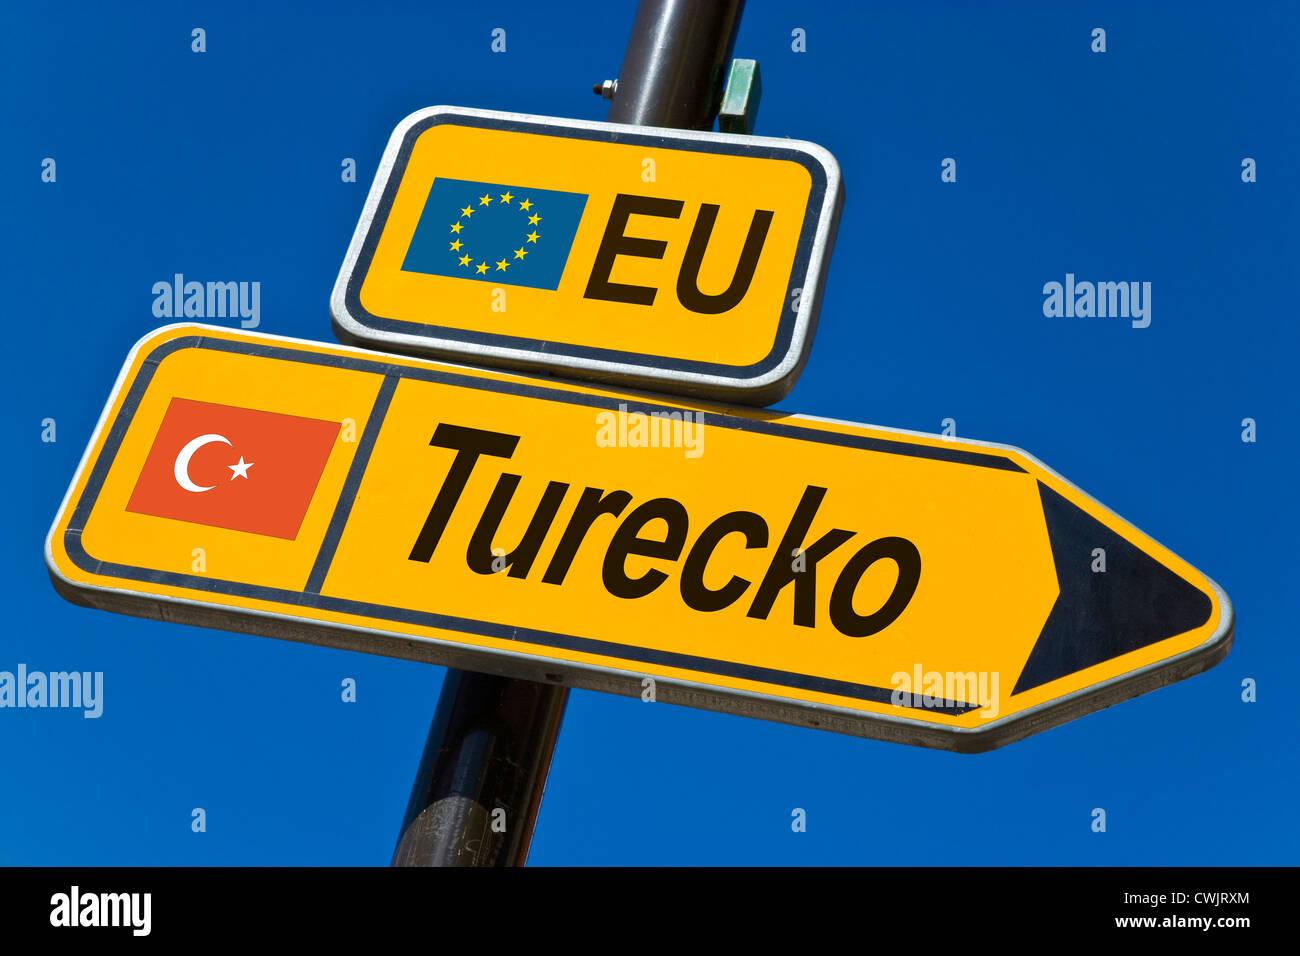 EU - Beitrittskandidat für die Mitgliedschaft 2010 - Türkei Stockfoto